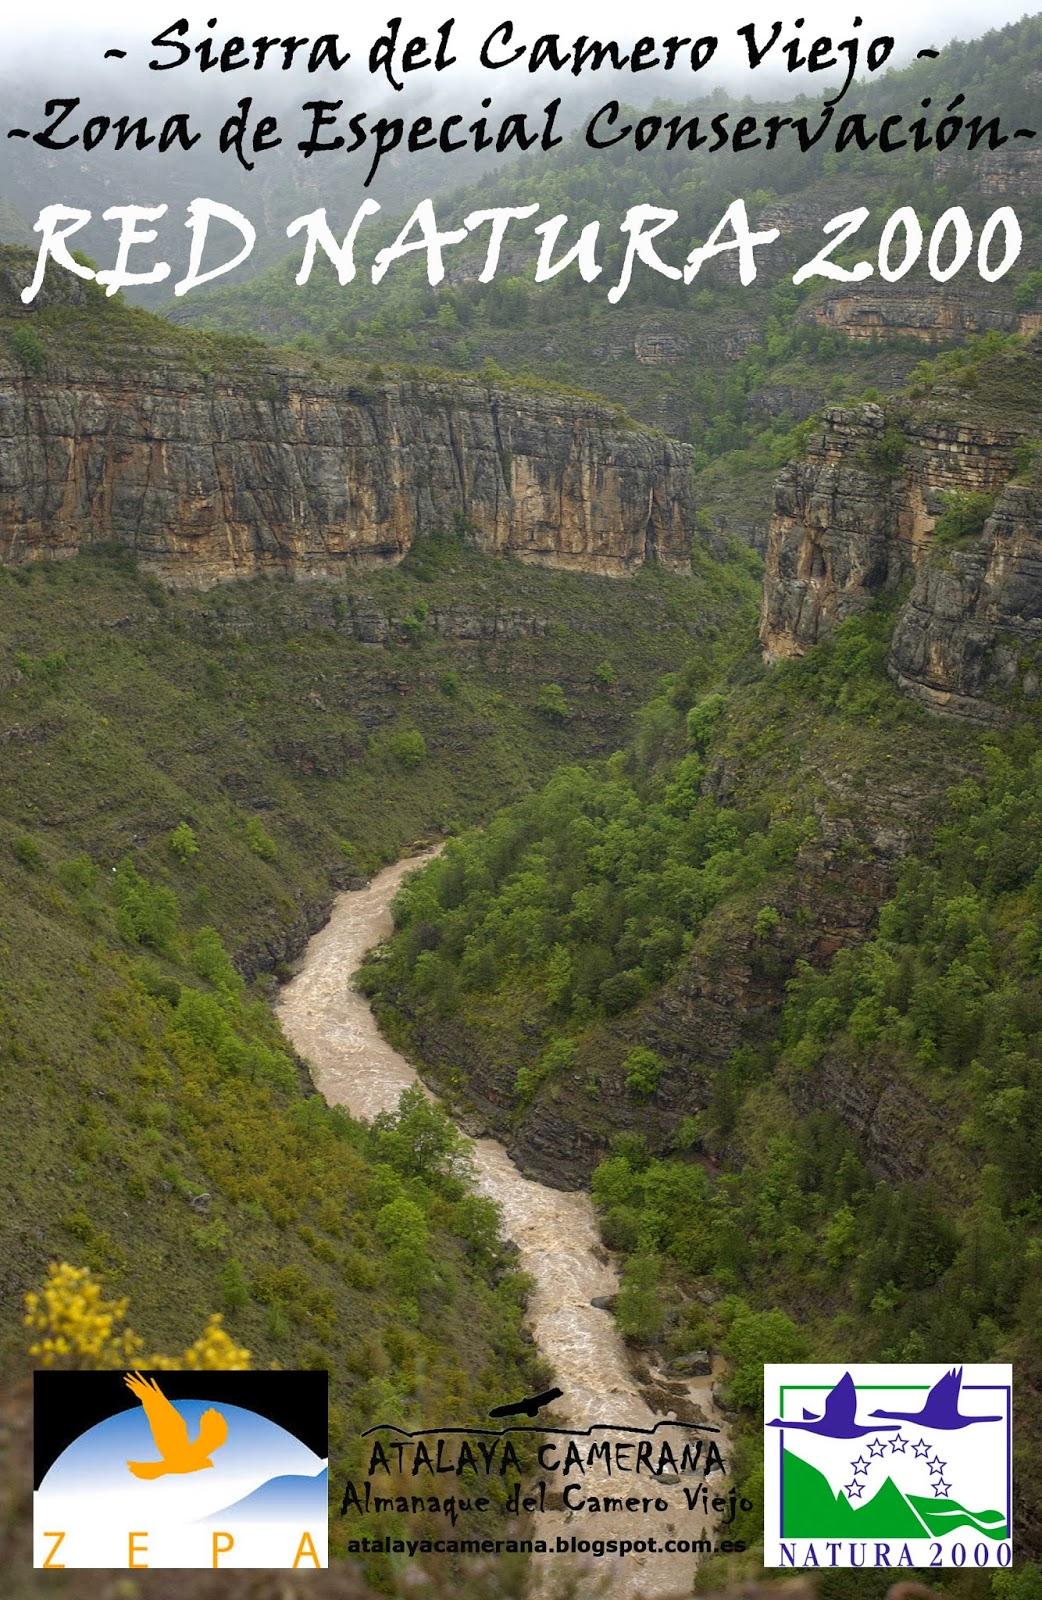 La Sierra del Camero Viejo queda regulada como Zona de Especial Conservación (ZEC) de la misma manera que ya era Zona de Especial Protección Para las Aves (ZEPA).